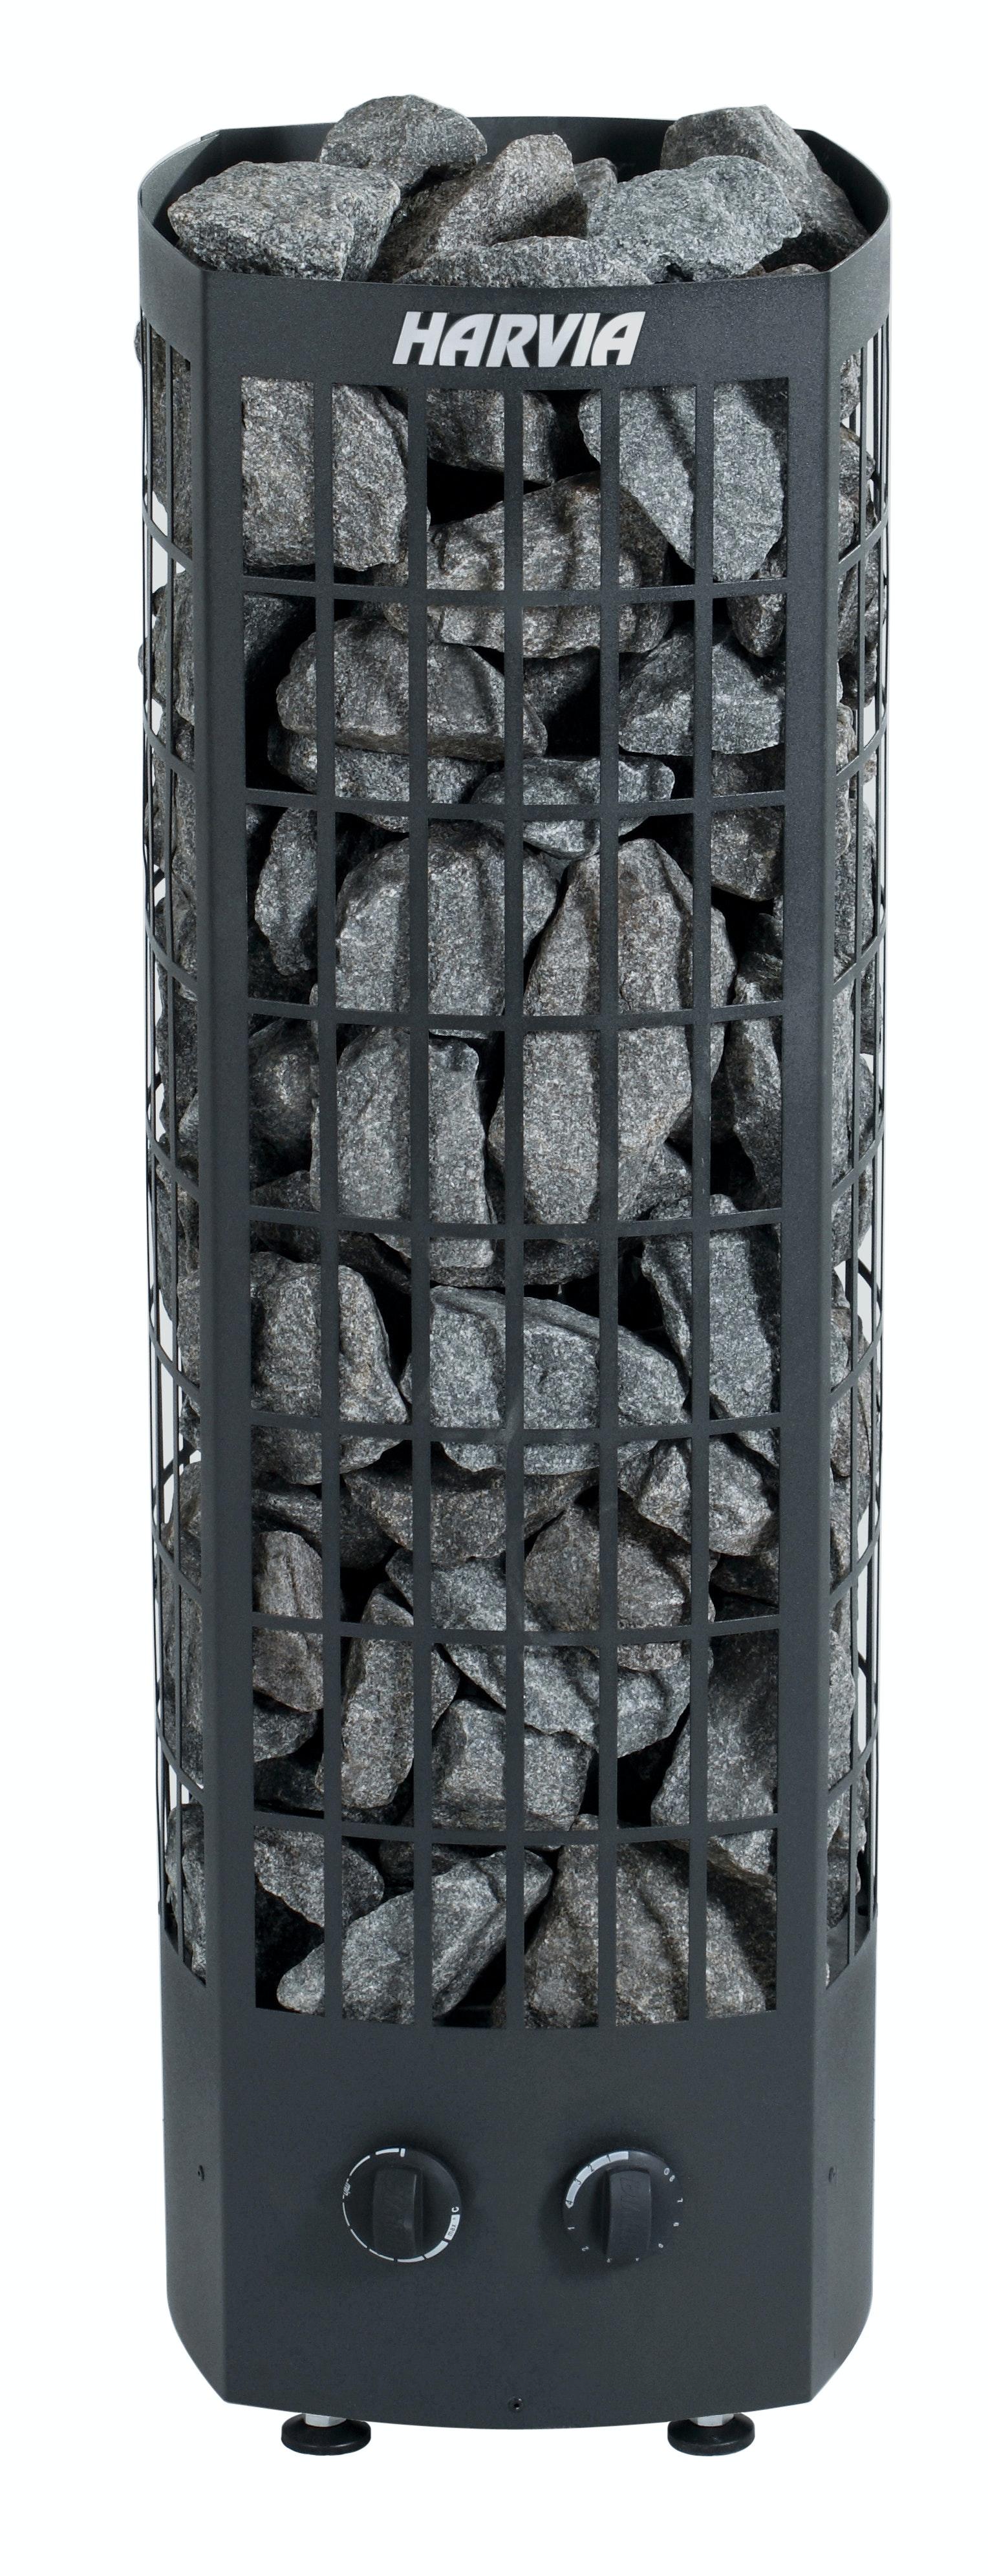 Bastuaggregat Harvia Classic Quatro QR70 6,8kW